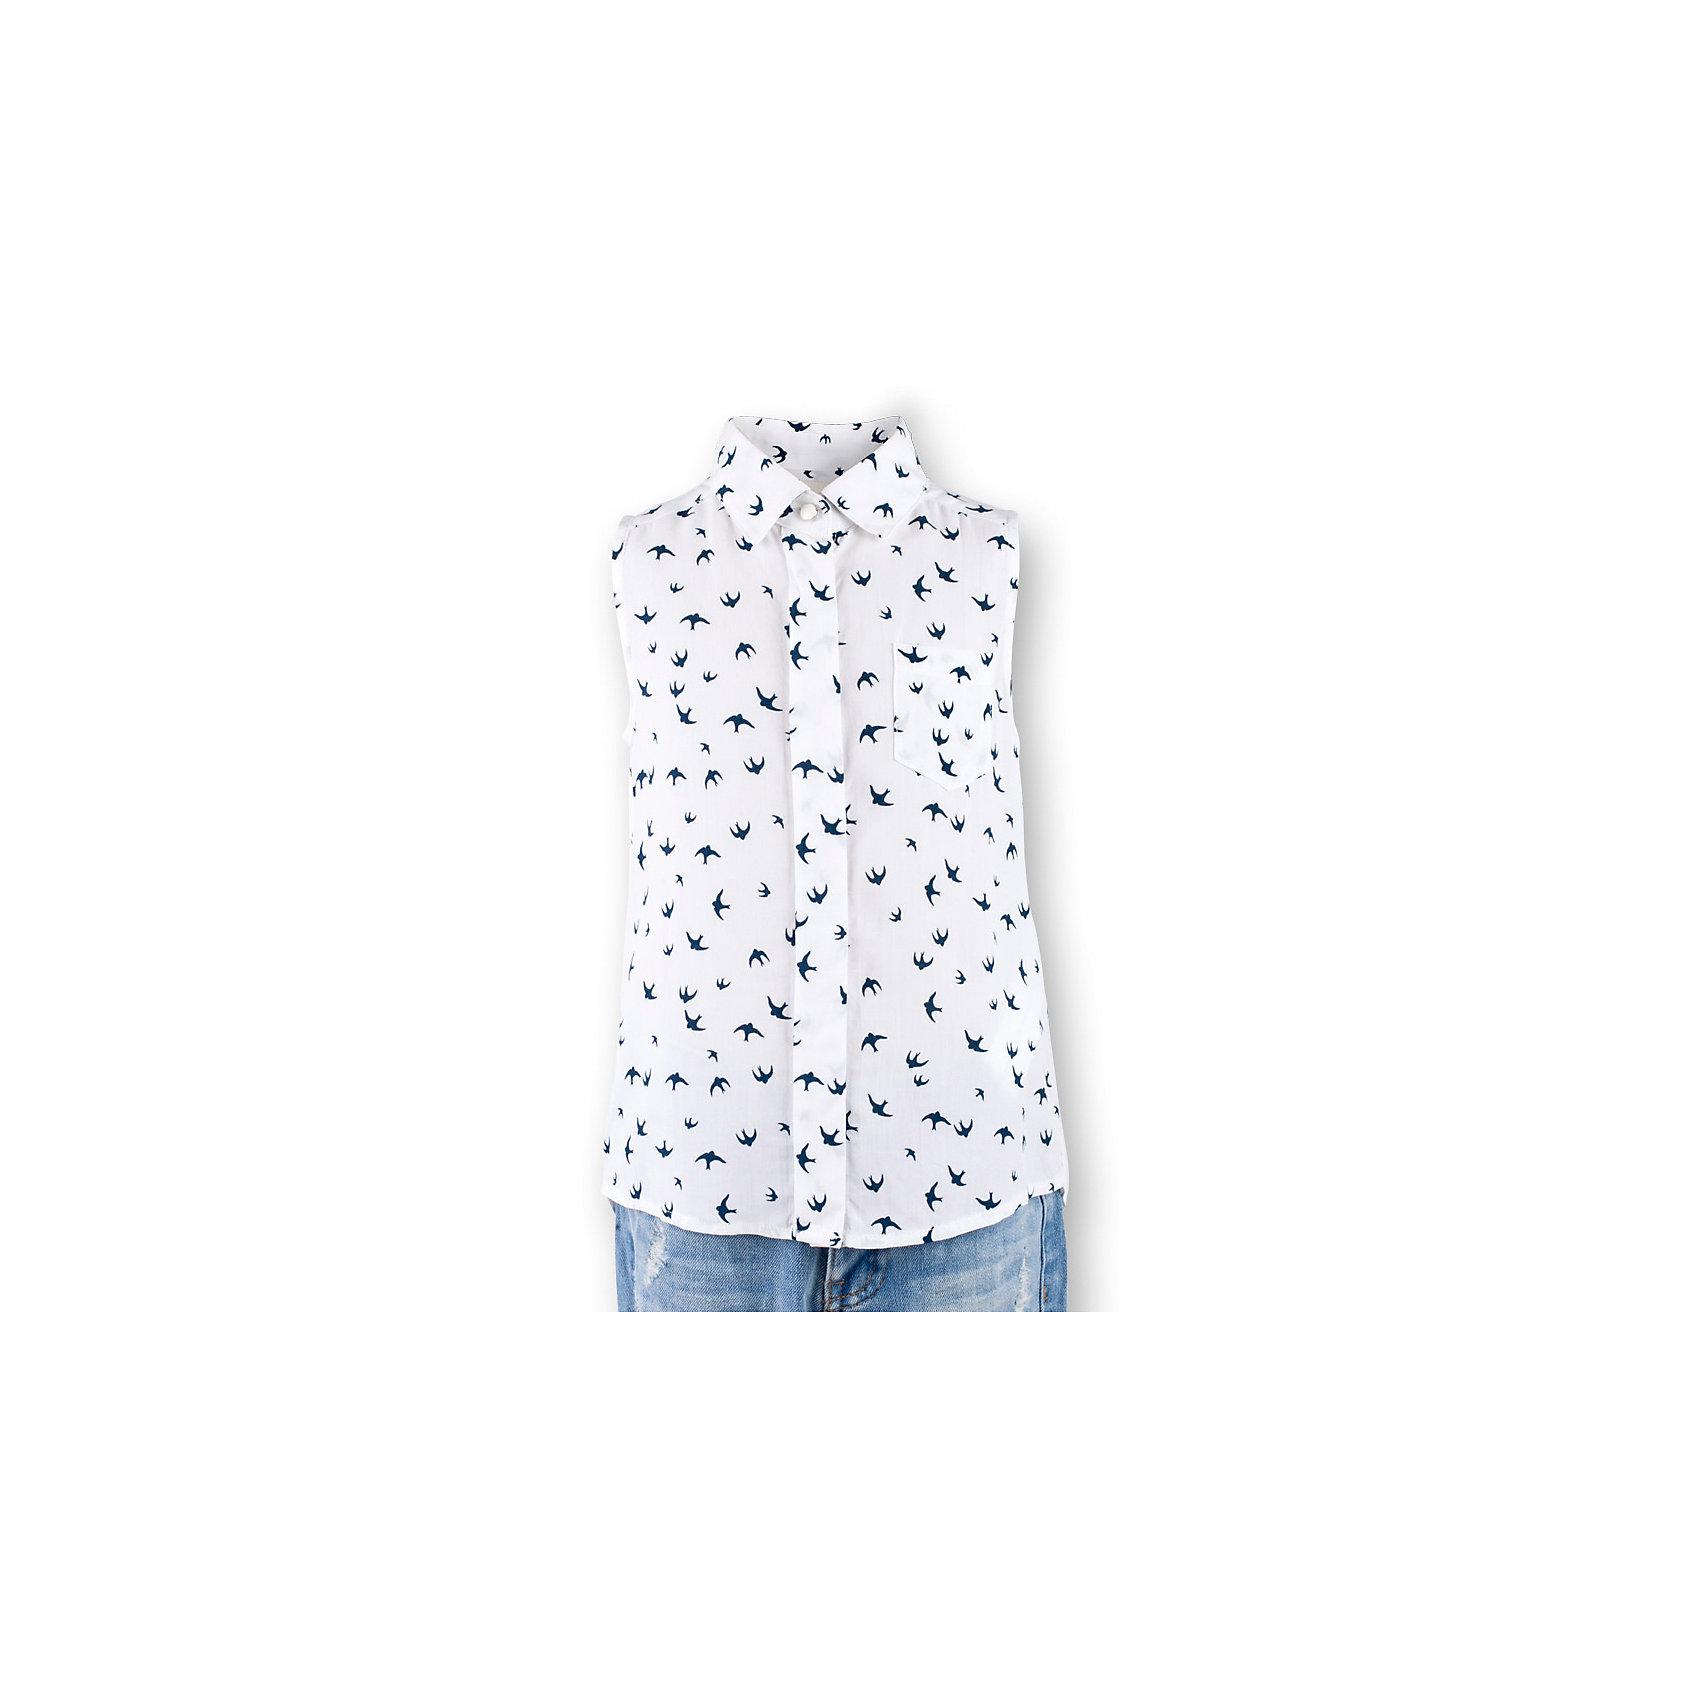 Блузка для девочки  BUTTON BLUEБлузки и рубашки<br>Блузка для девочки  BUTTON BLUE<br>Недорогие детские блузки  - не значит, скучные! В новом весенне-летнем сезоне блузка без рукавов - базовая составляющая модного  гардероба. Именно поэтому детская блузка без рукавов - хит летней коллекции от Button Blue! Простая, удобная и очень элегантная модель в компании с шортами, брюками, юбкой сделает повседневный образ ребенка модным и современным.<br>Состав:<br>100%  вискоза<br><br>Ширина мм: 174<br>Глубина мм: 10<br>Высота мм: 169<br>Вес г: 157<br>Цвет: разноцветный<br>Возраст от месяцев: 24<br>Возраст до месяцев: 36<br>Пол: Женский<br>Возраст: Детский<br>Размер: 98,146,104,110,116,122,128<br>SKU: 5523275